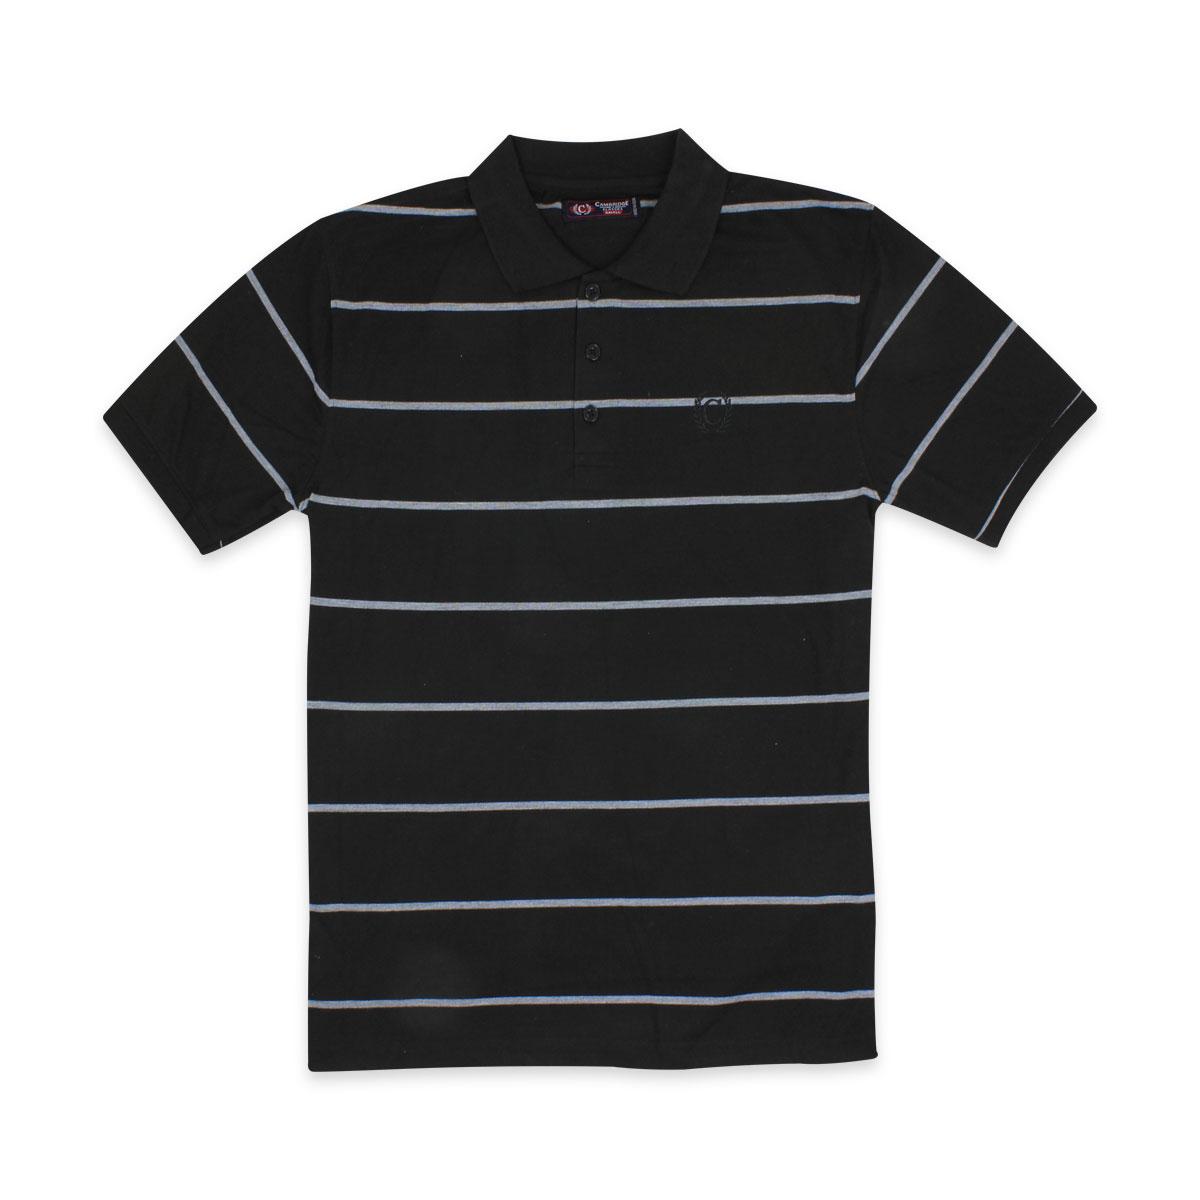 Camisas-Polo-Para-Hombre-A-Rayas-Pique-Con-Cuello-camiseta-Camiseta-Manga-Corta-De-Verano-S-M-L-XL miniatura 34